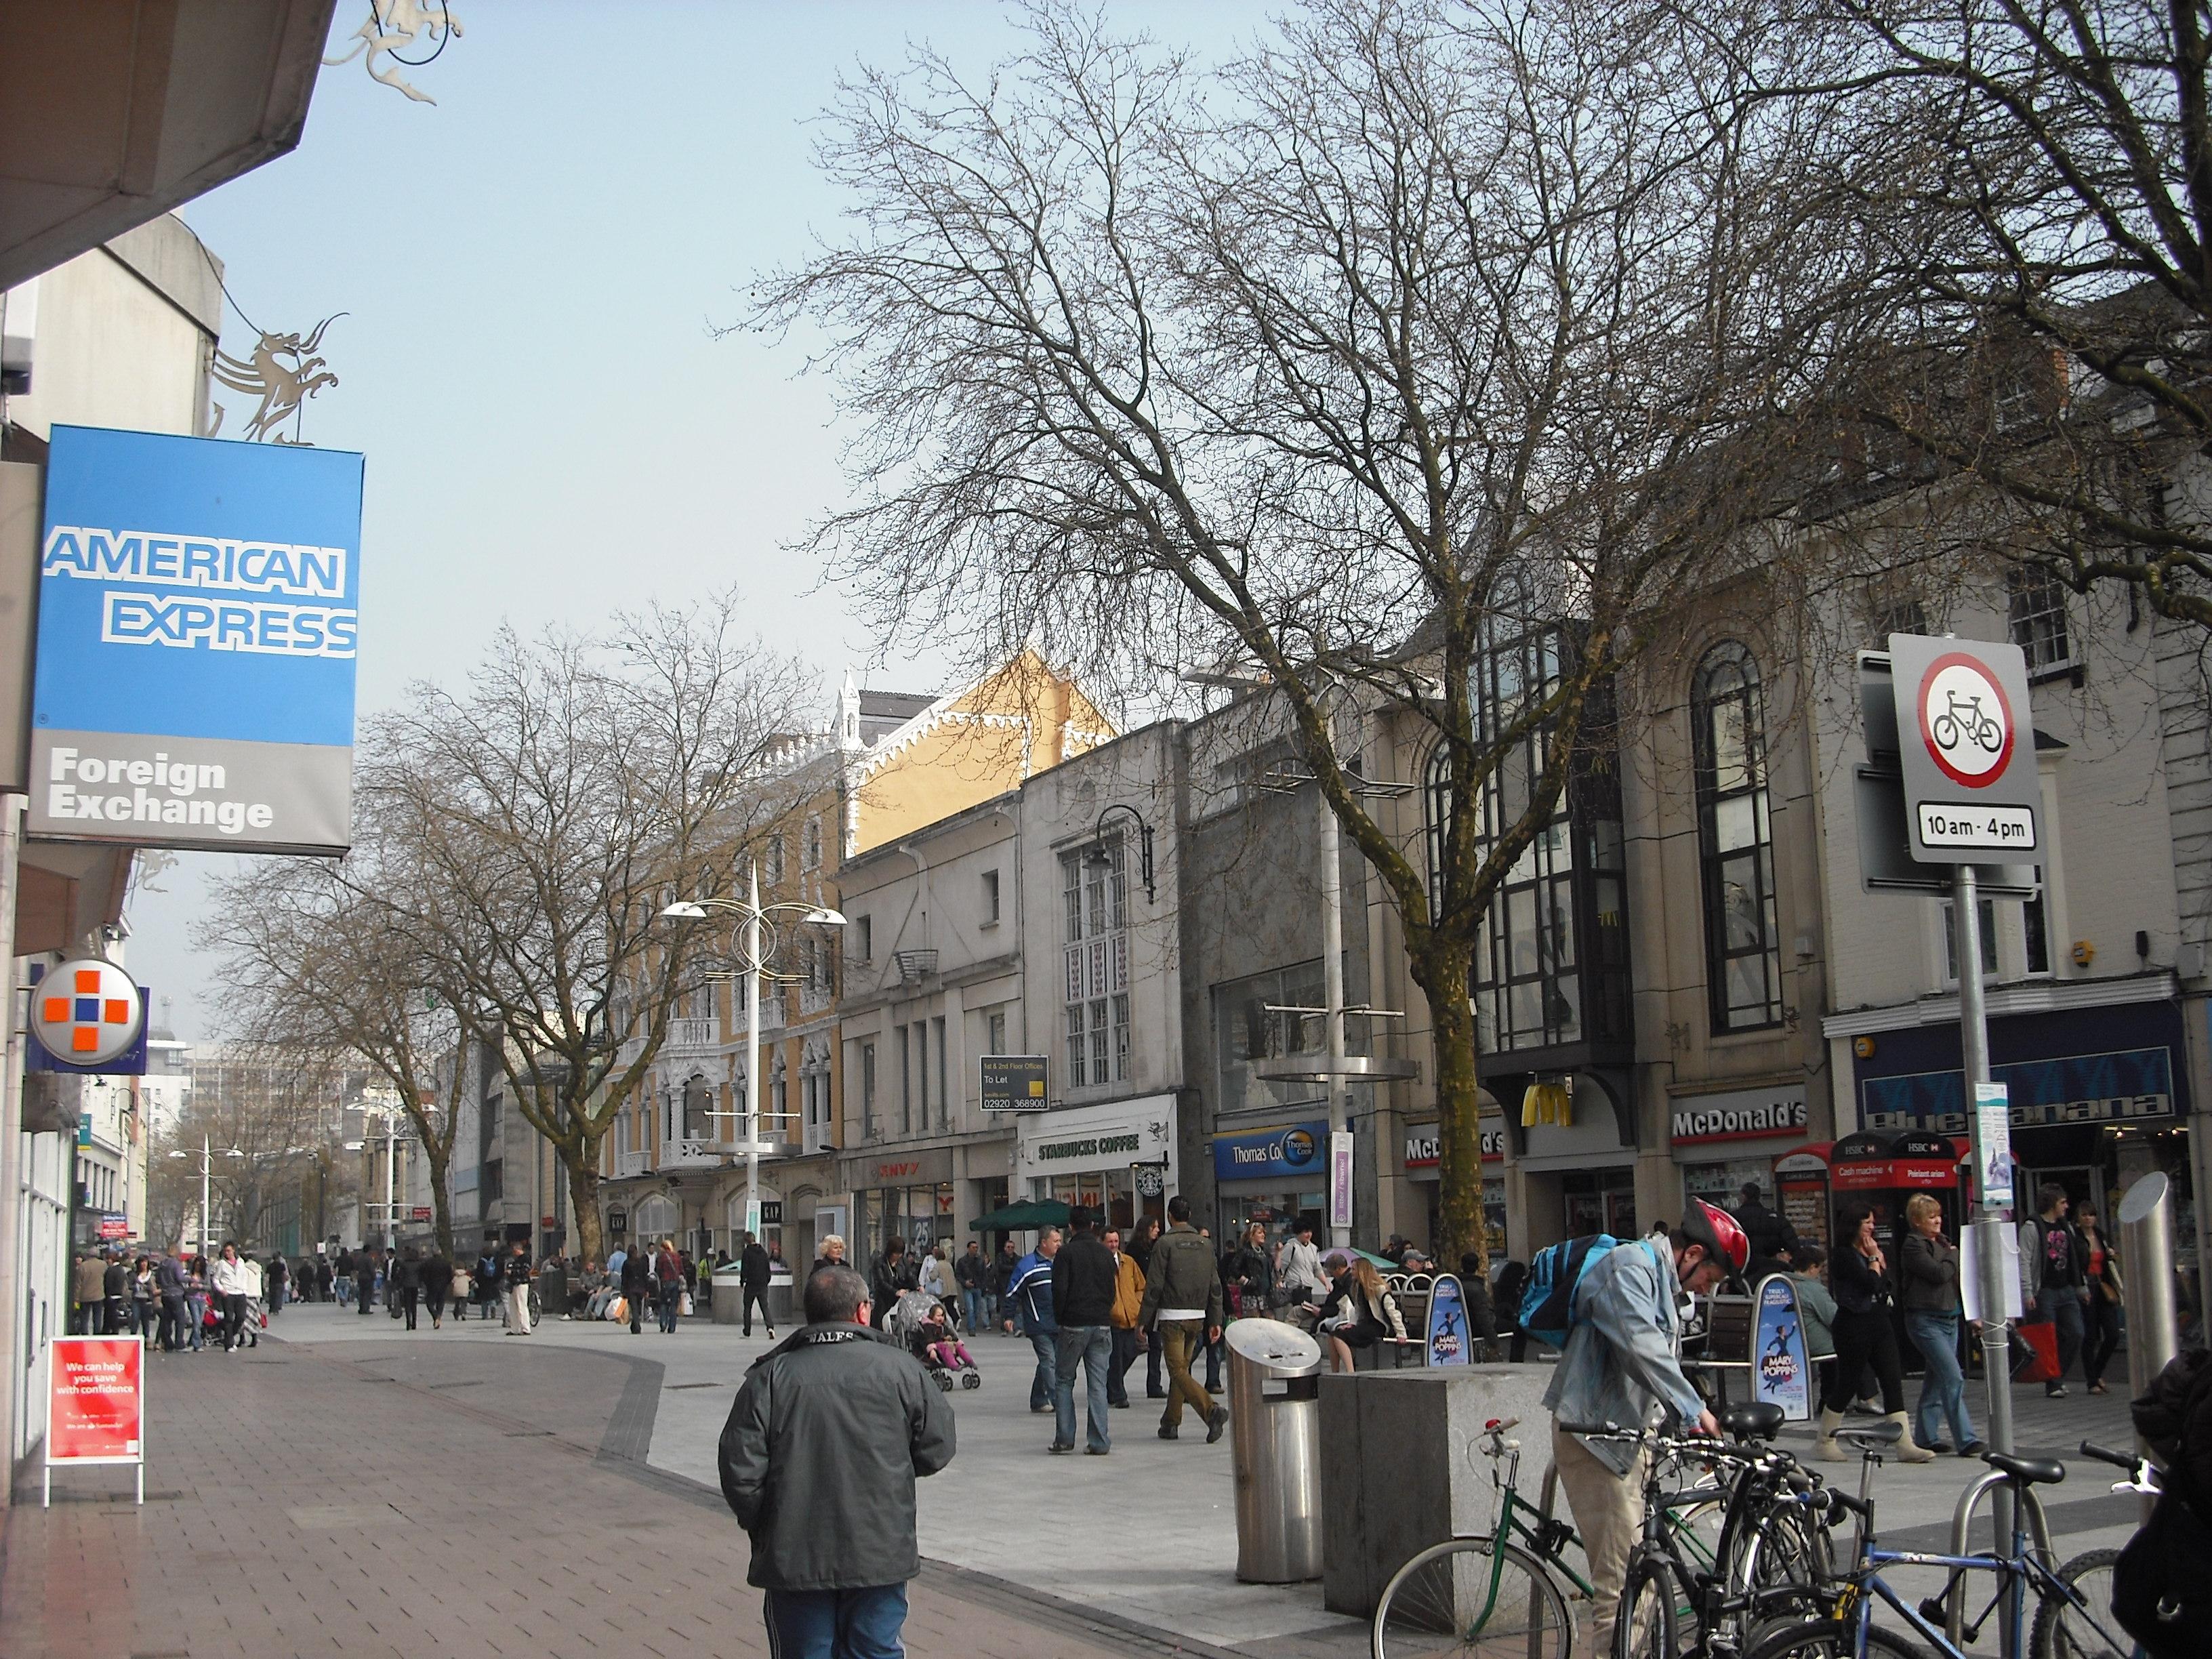 Queenstreet